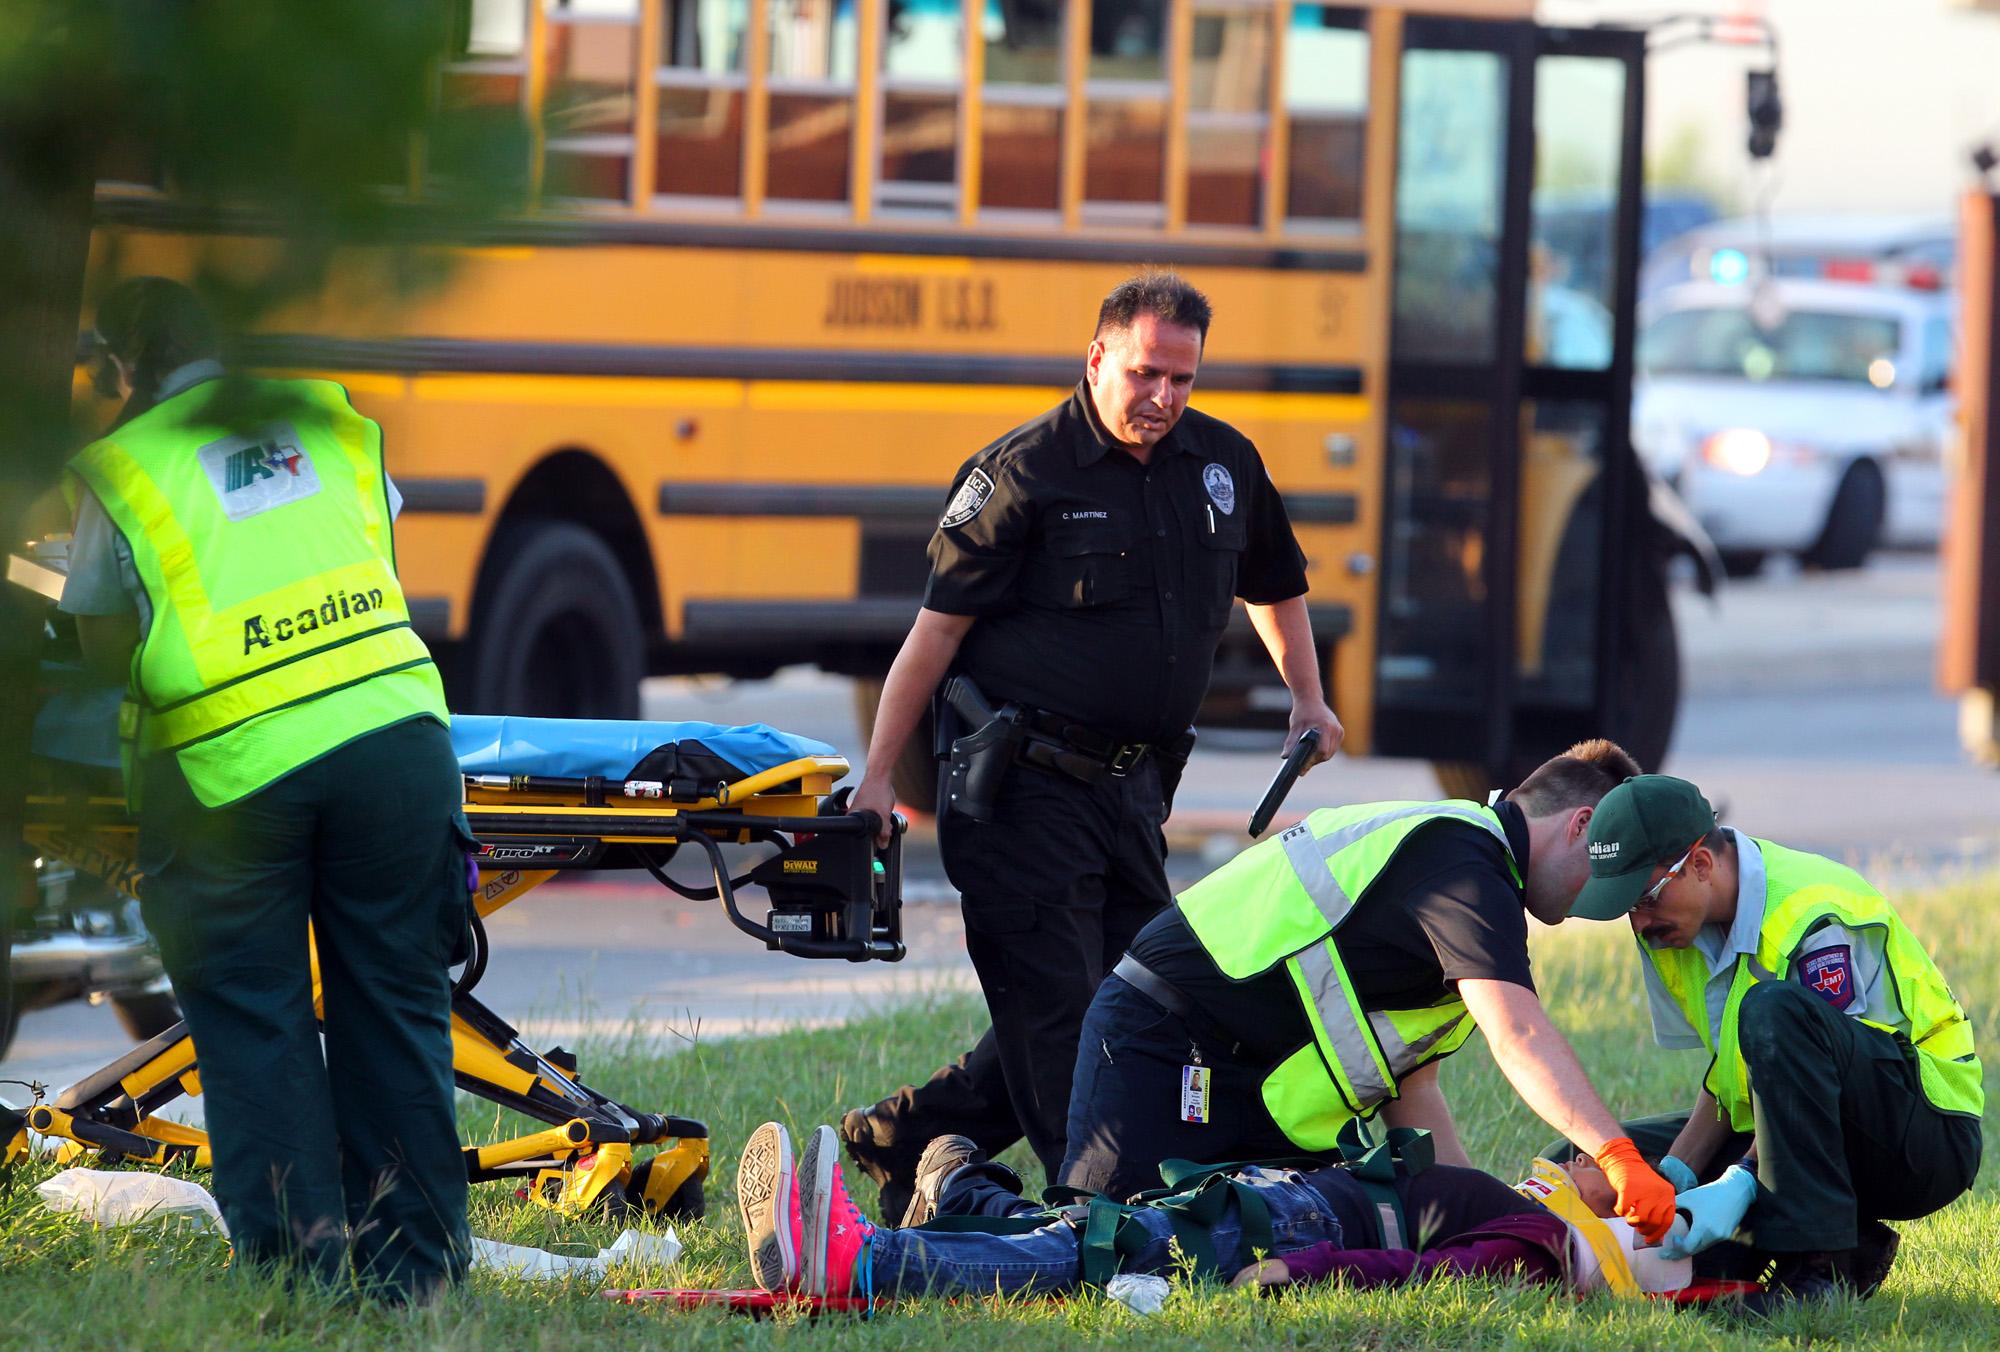 Pair Of School Buses Collide 1 Driver Dies San Antonio